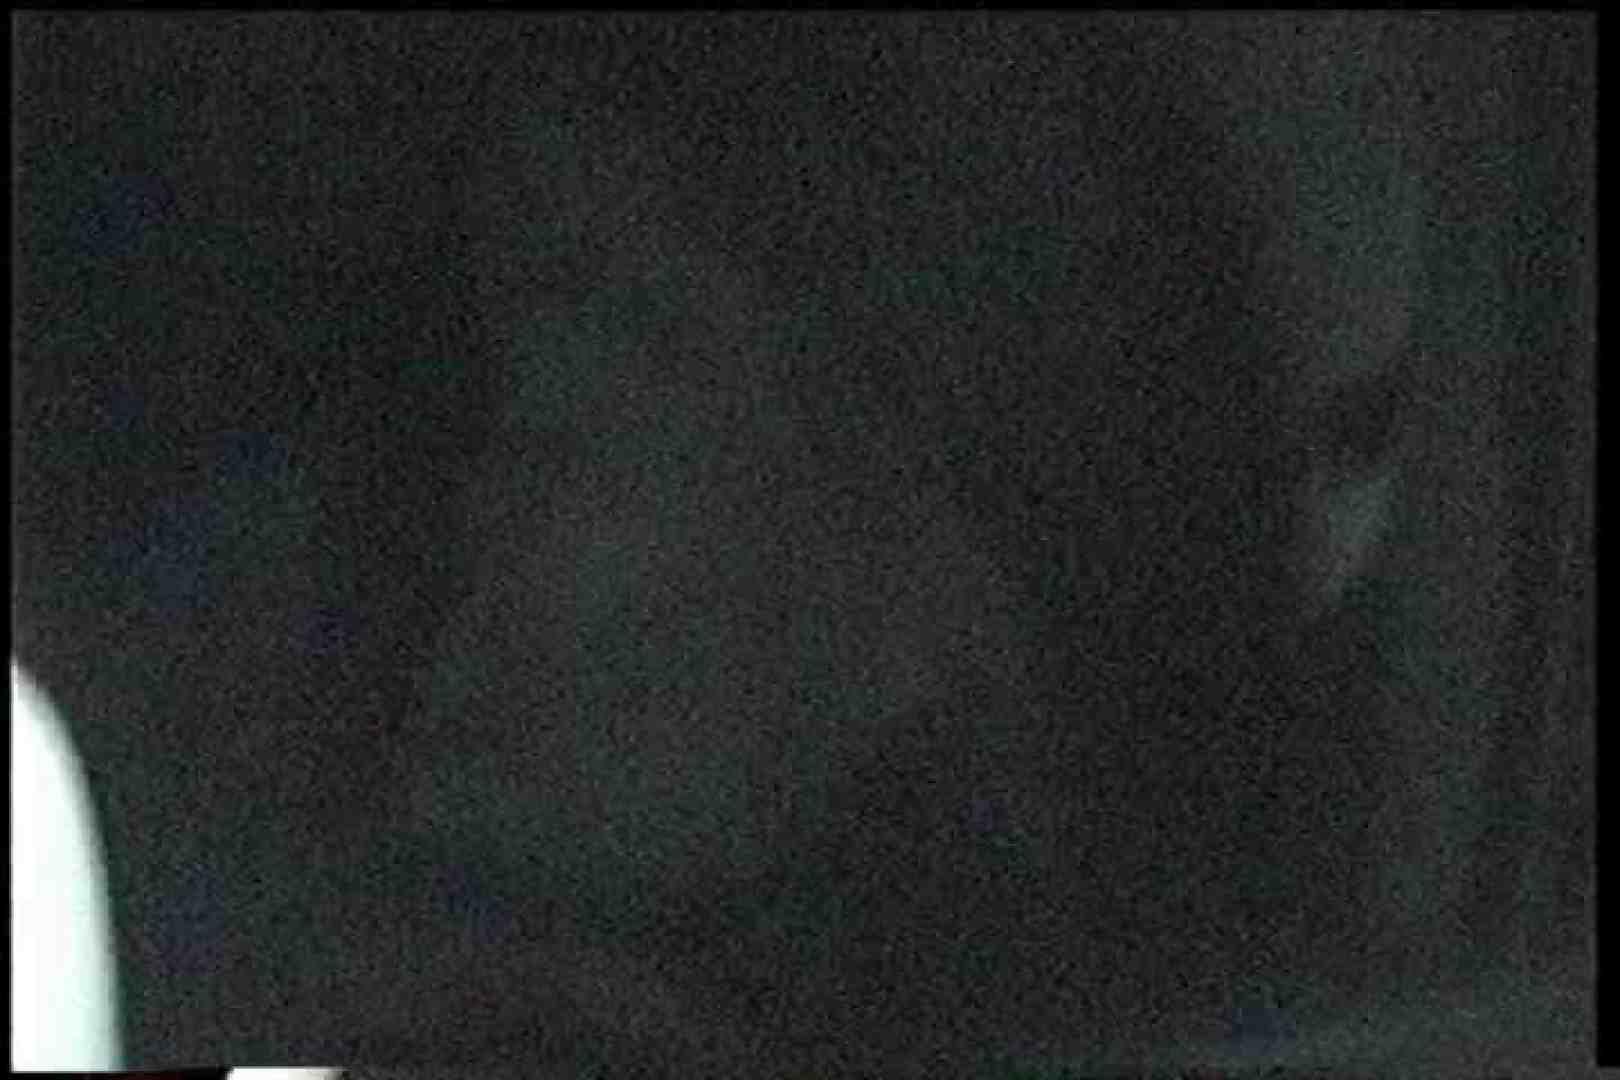 充血監督の深夜の運動会Vol.240 OLエロ画像 | 0  62PICs 25